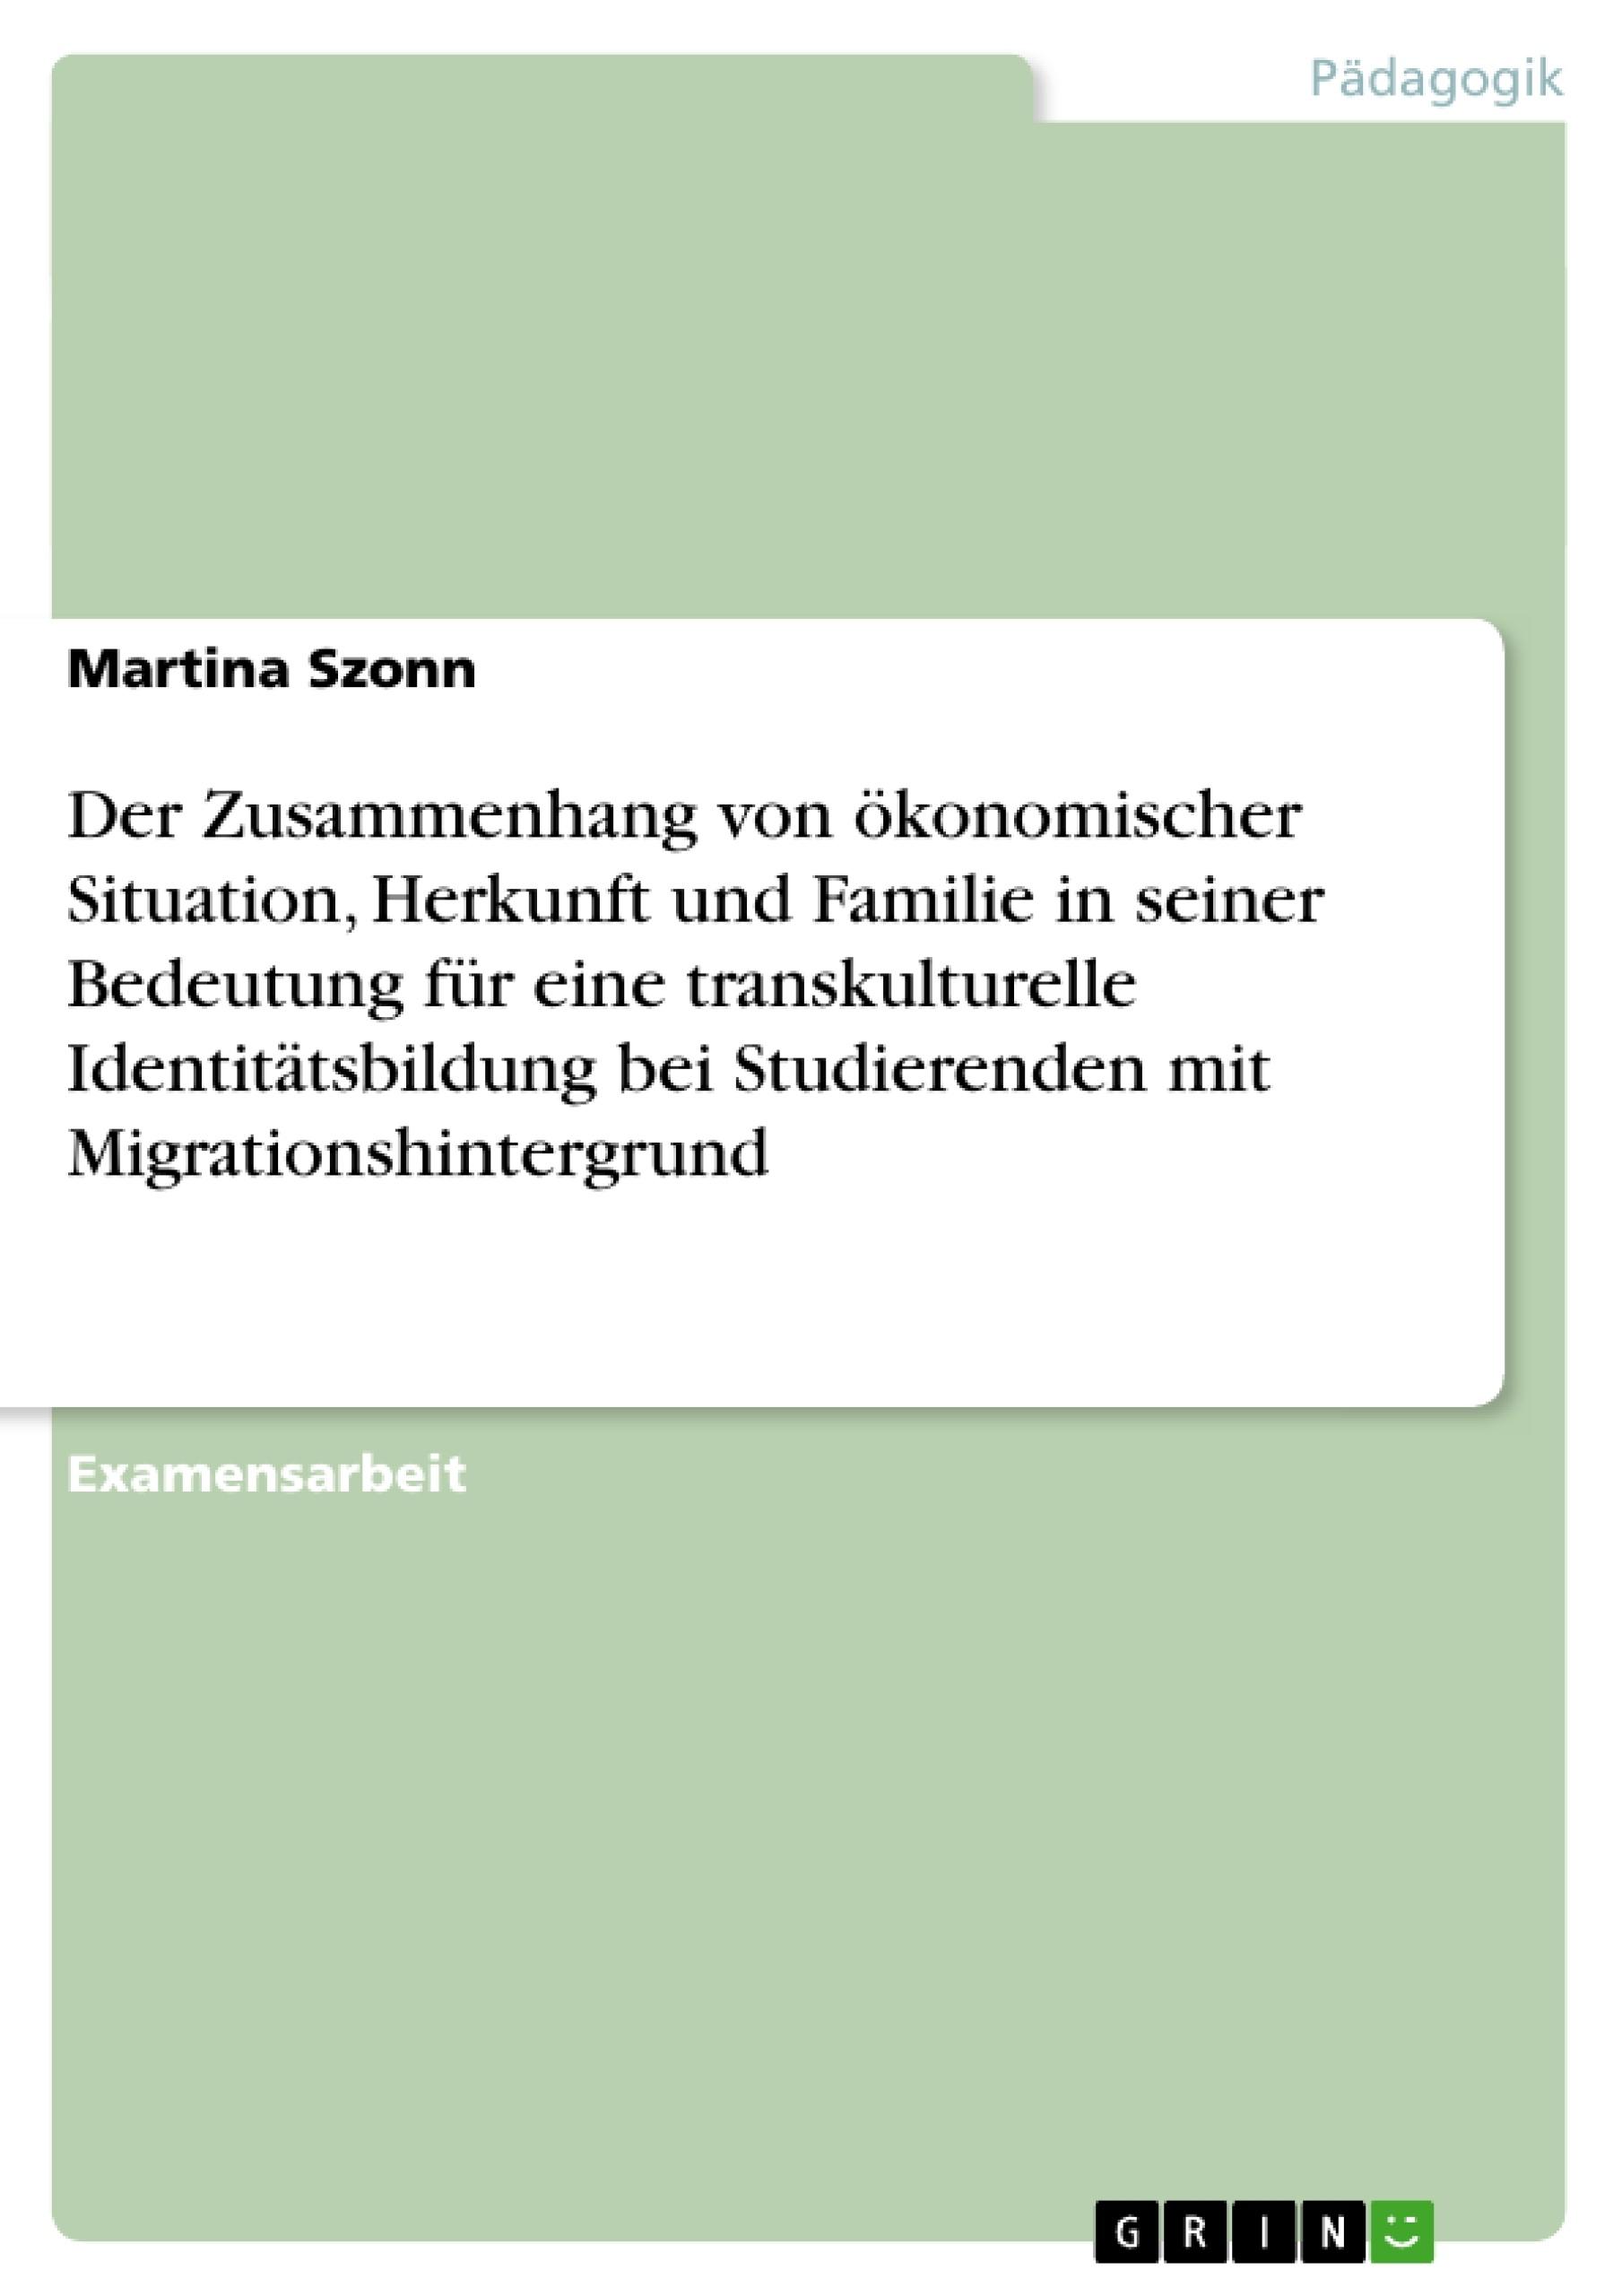 Titel: Der Zusammenhang von ökonomischer Situation, Herkunft und Familie in seiner Bedeutung für eine transkulturelle Identitätsbildung bei Studierenden mit Migrationshintergrund